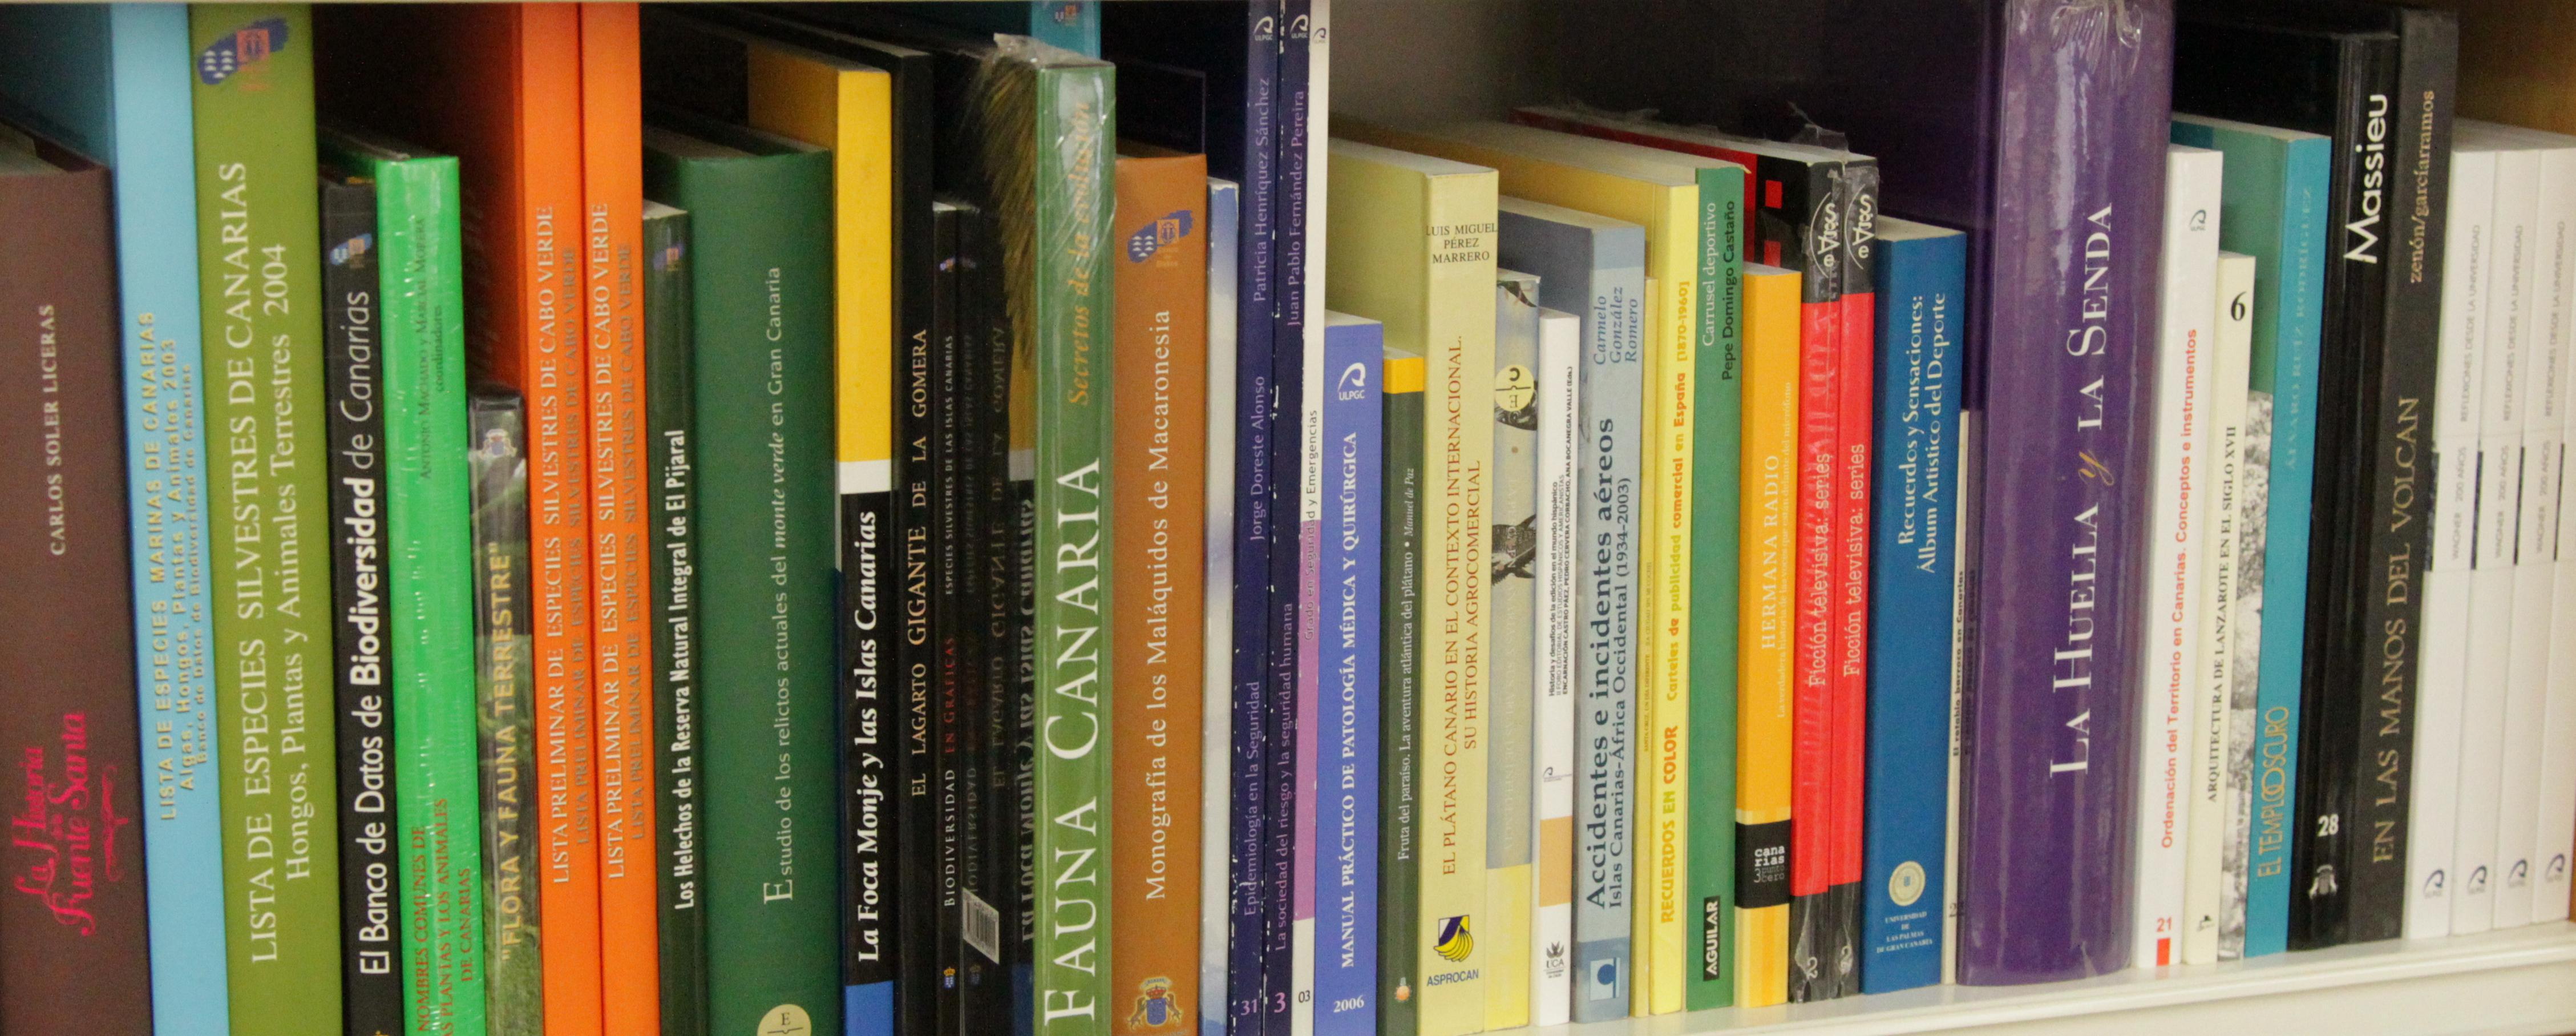 Vista de libros en un estante